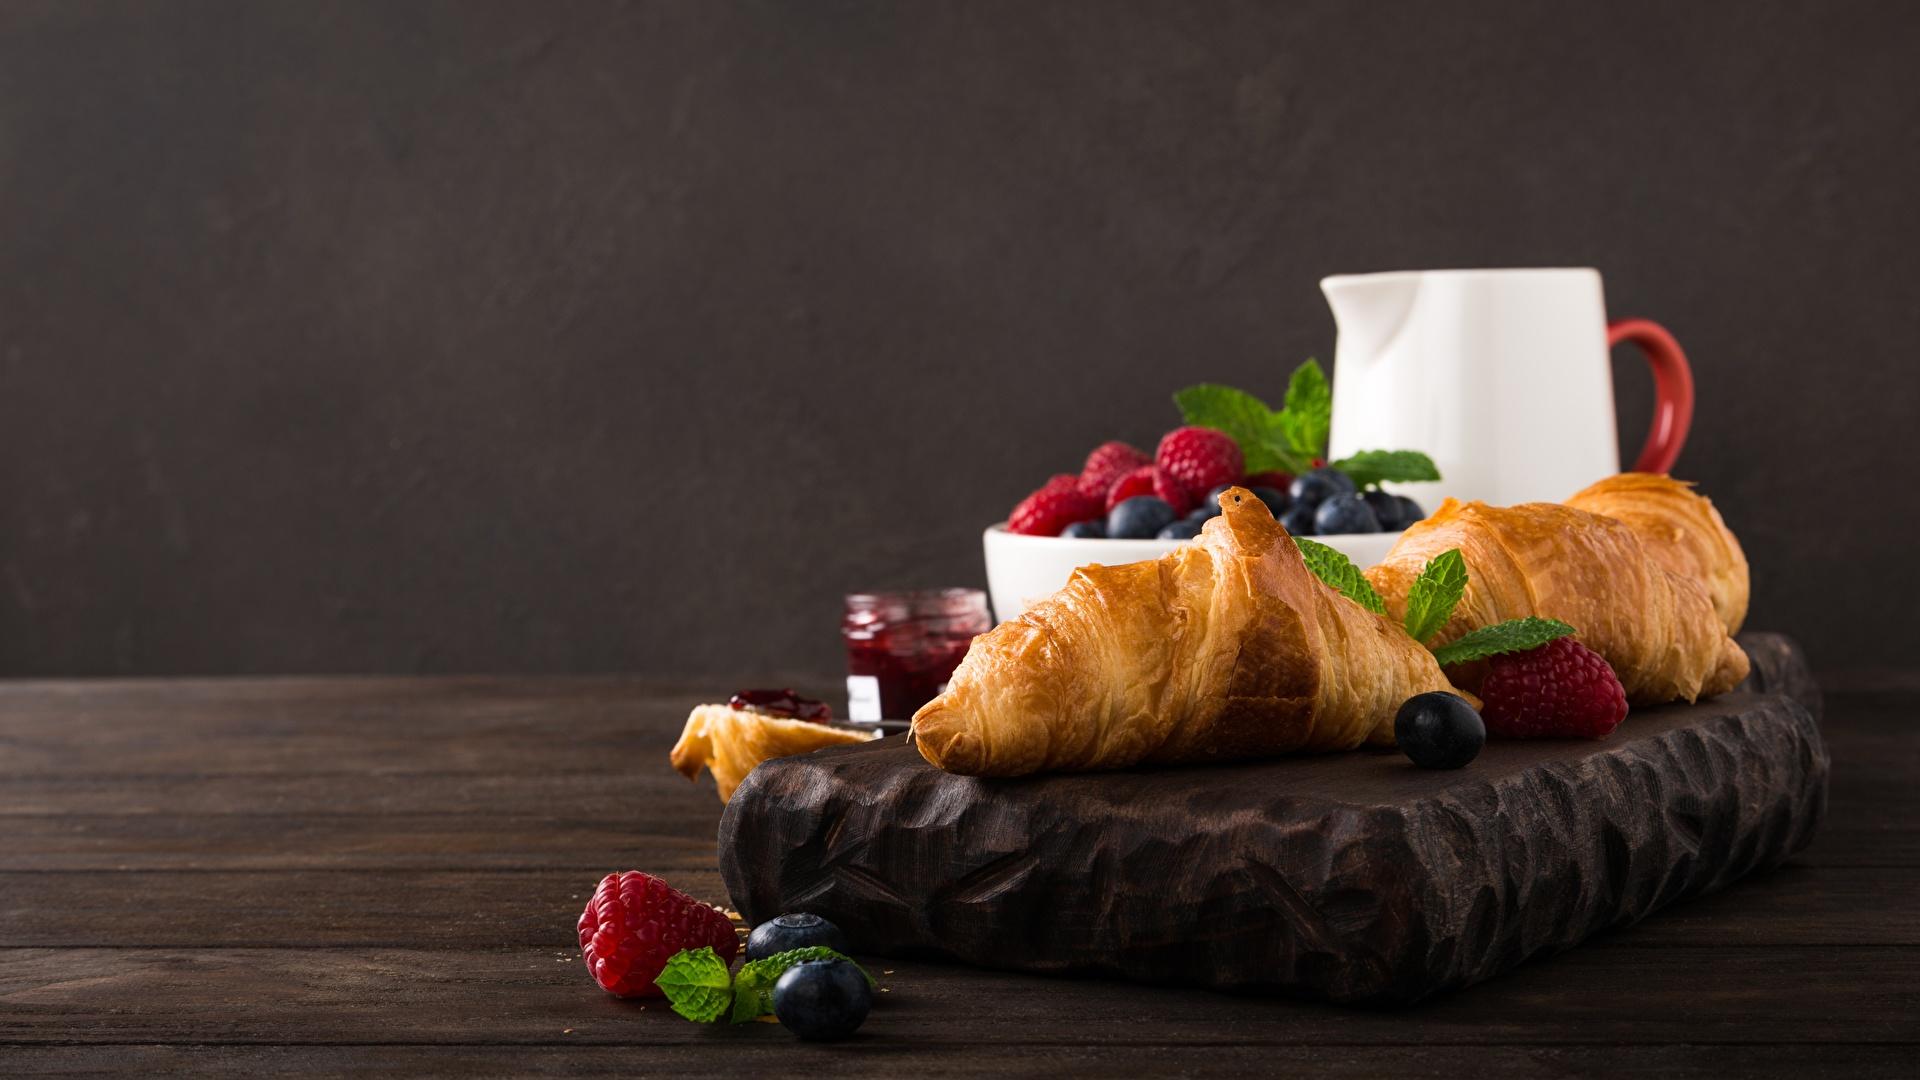 Фотография Завтрак Круассан Малина Еда Ягоды 1920x1080 Пища Продукты питания